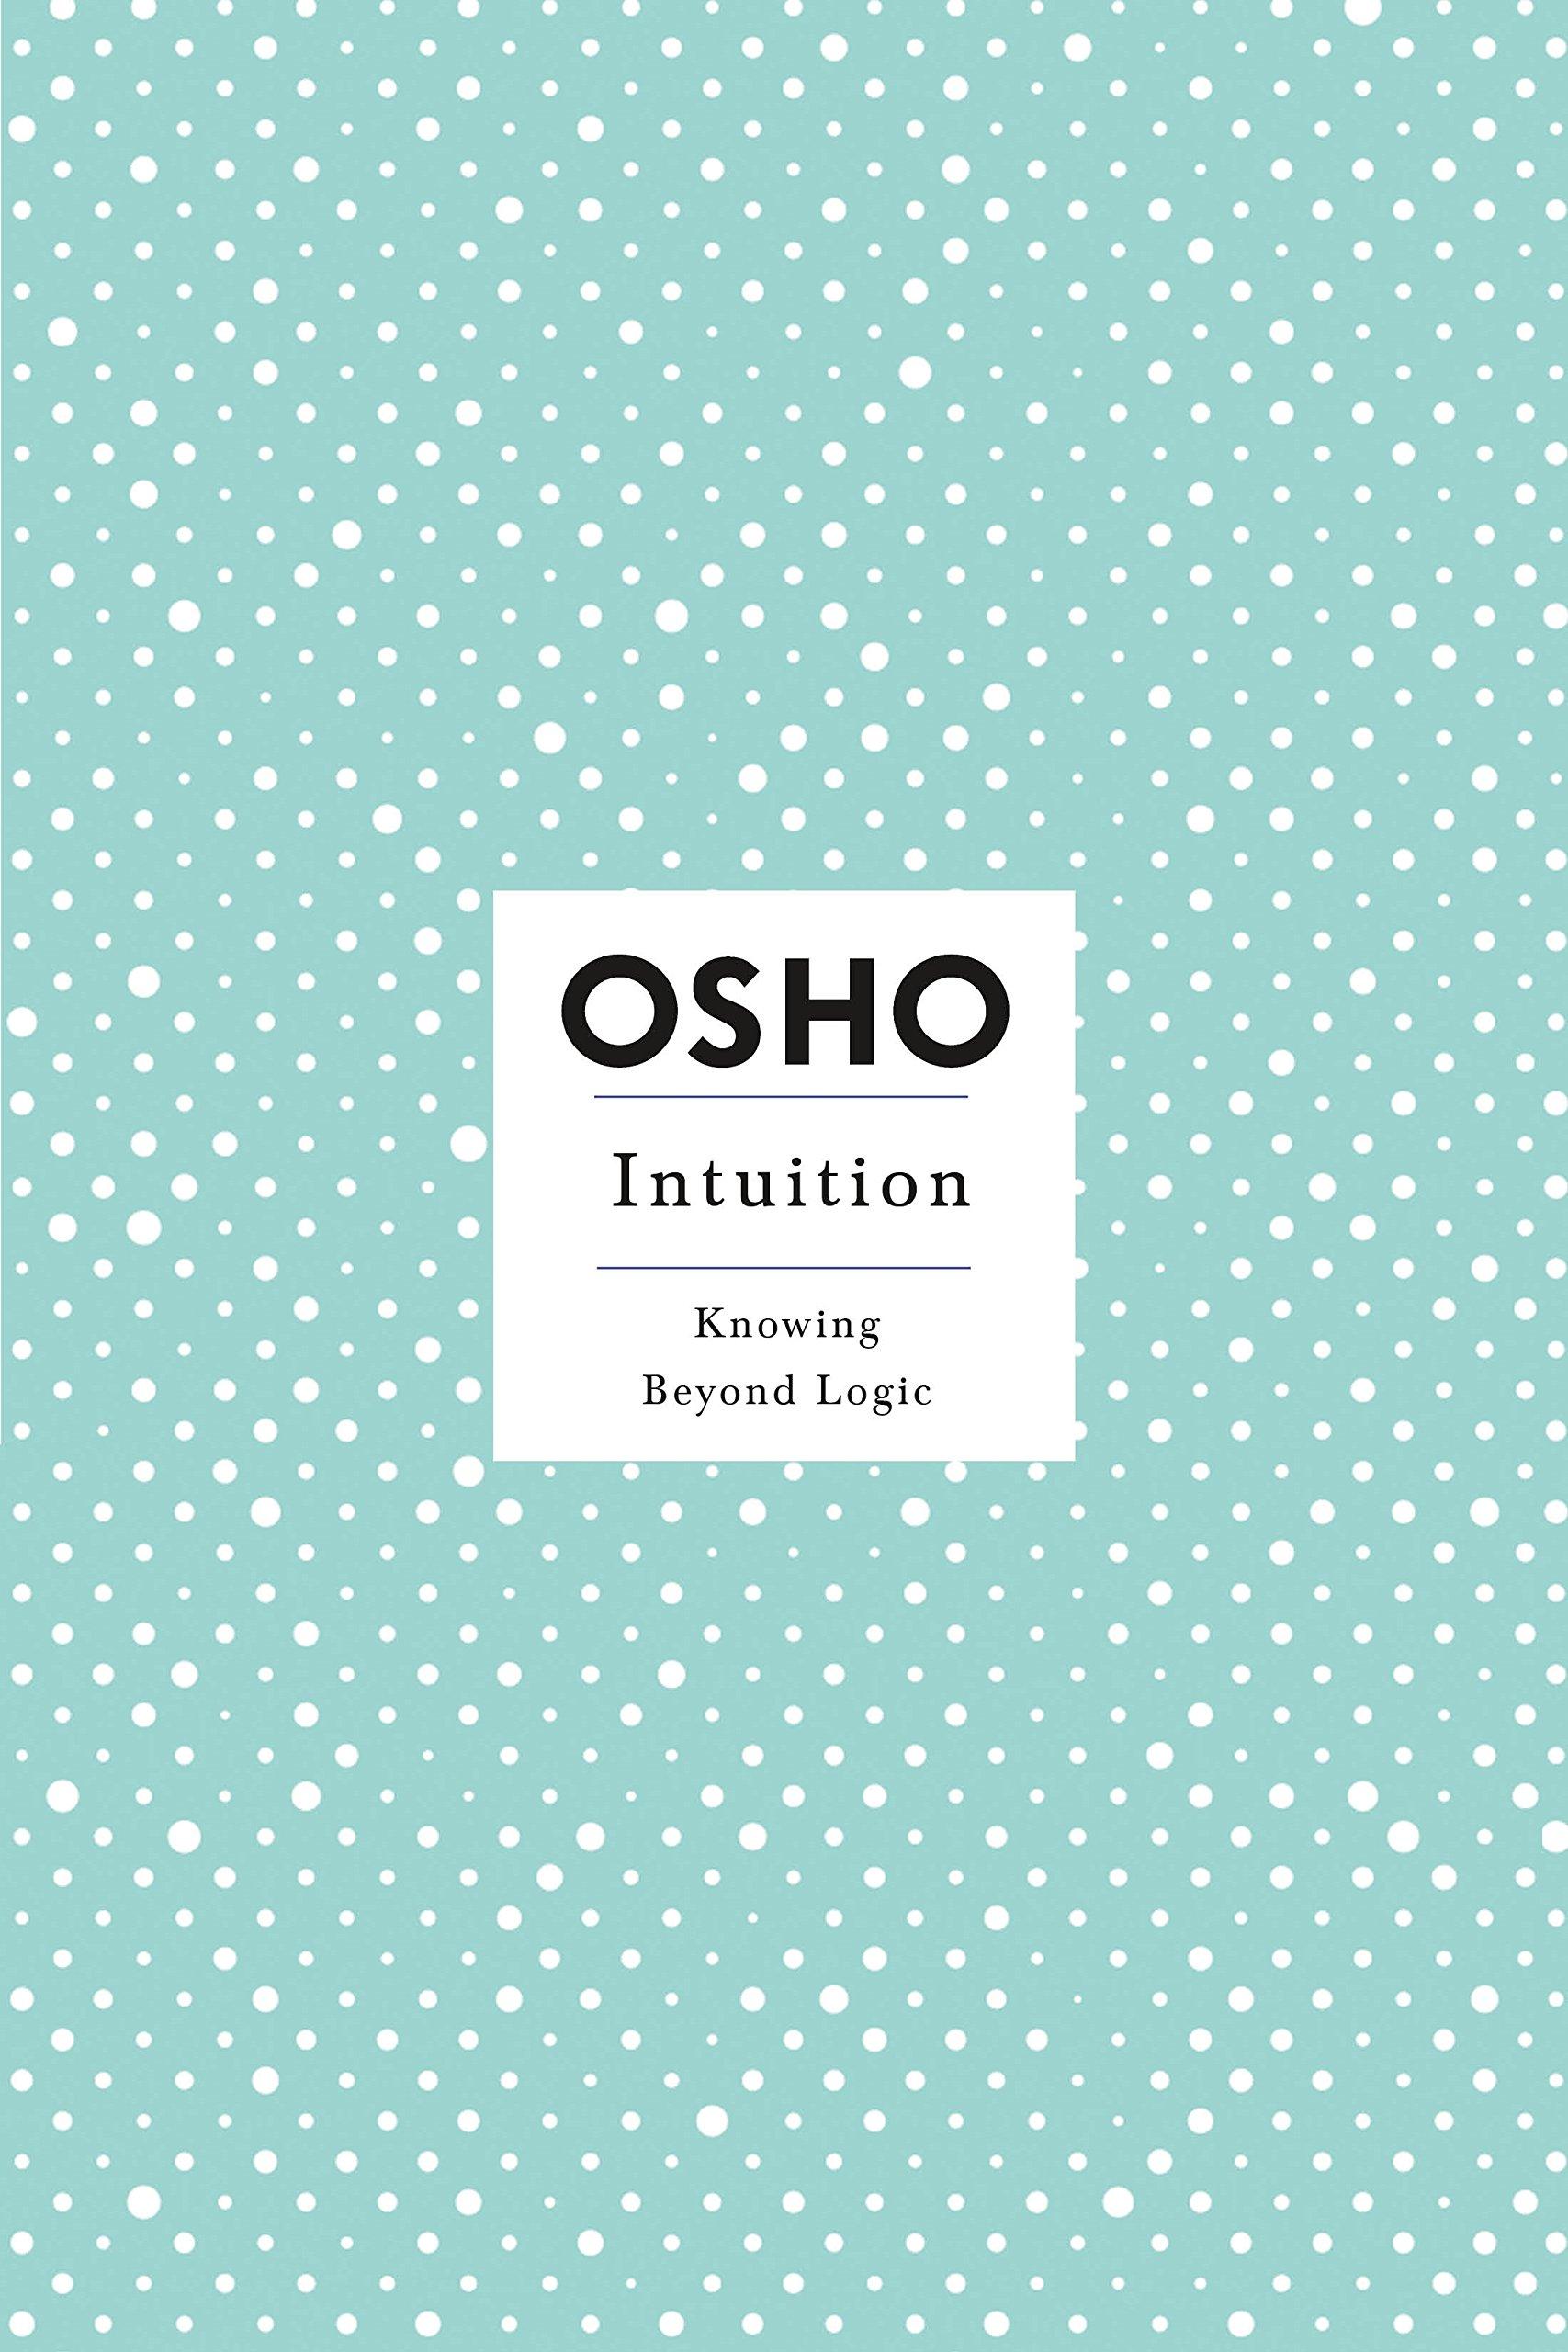 Pdf intuition osho